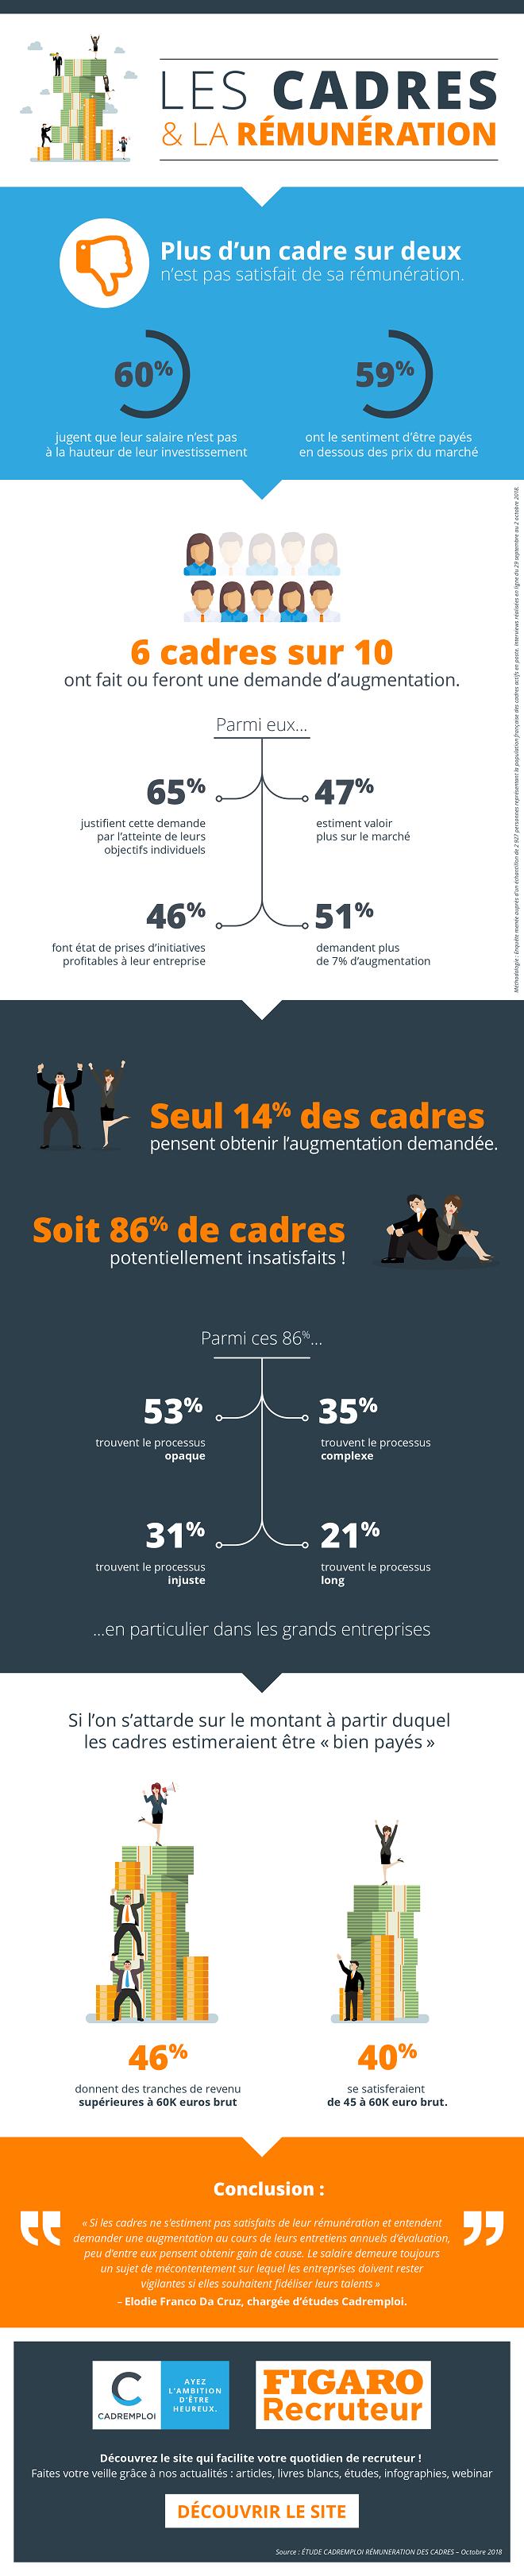 Infographie-Les-cadres-et-la-remuneration-Figaro-Recruteur-1